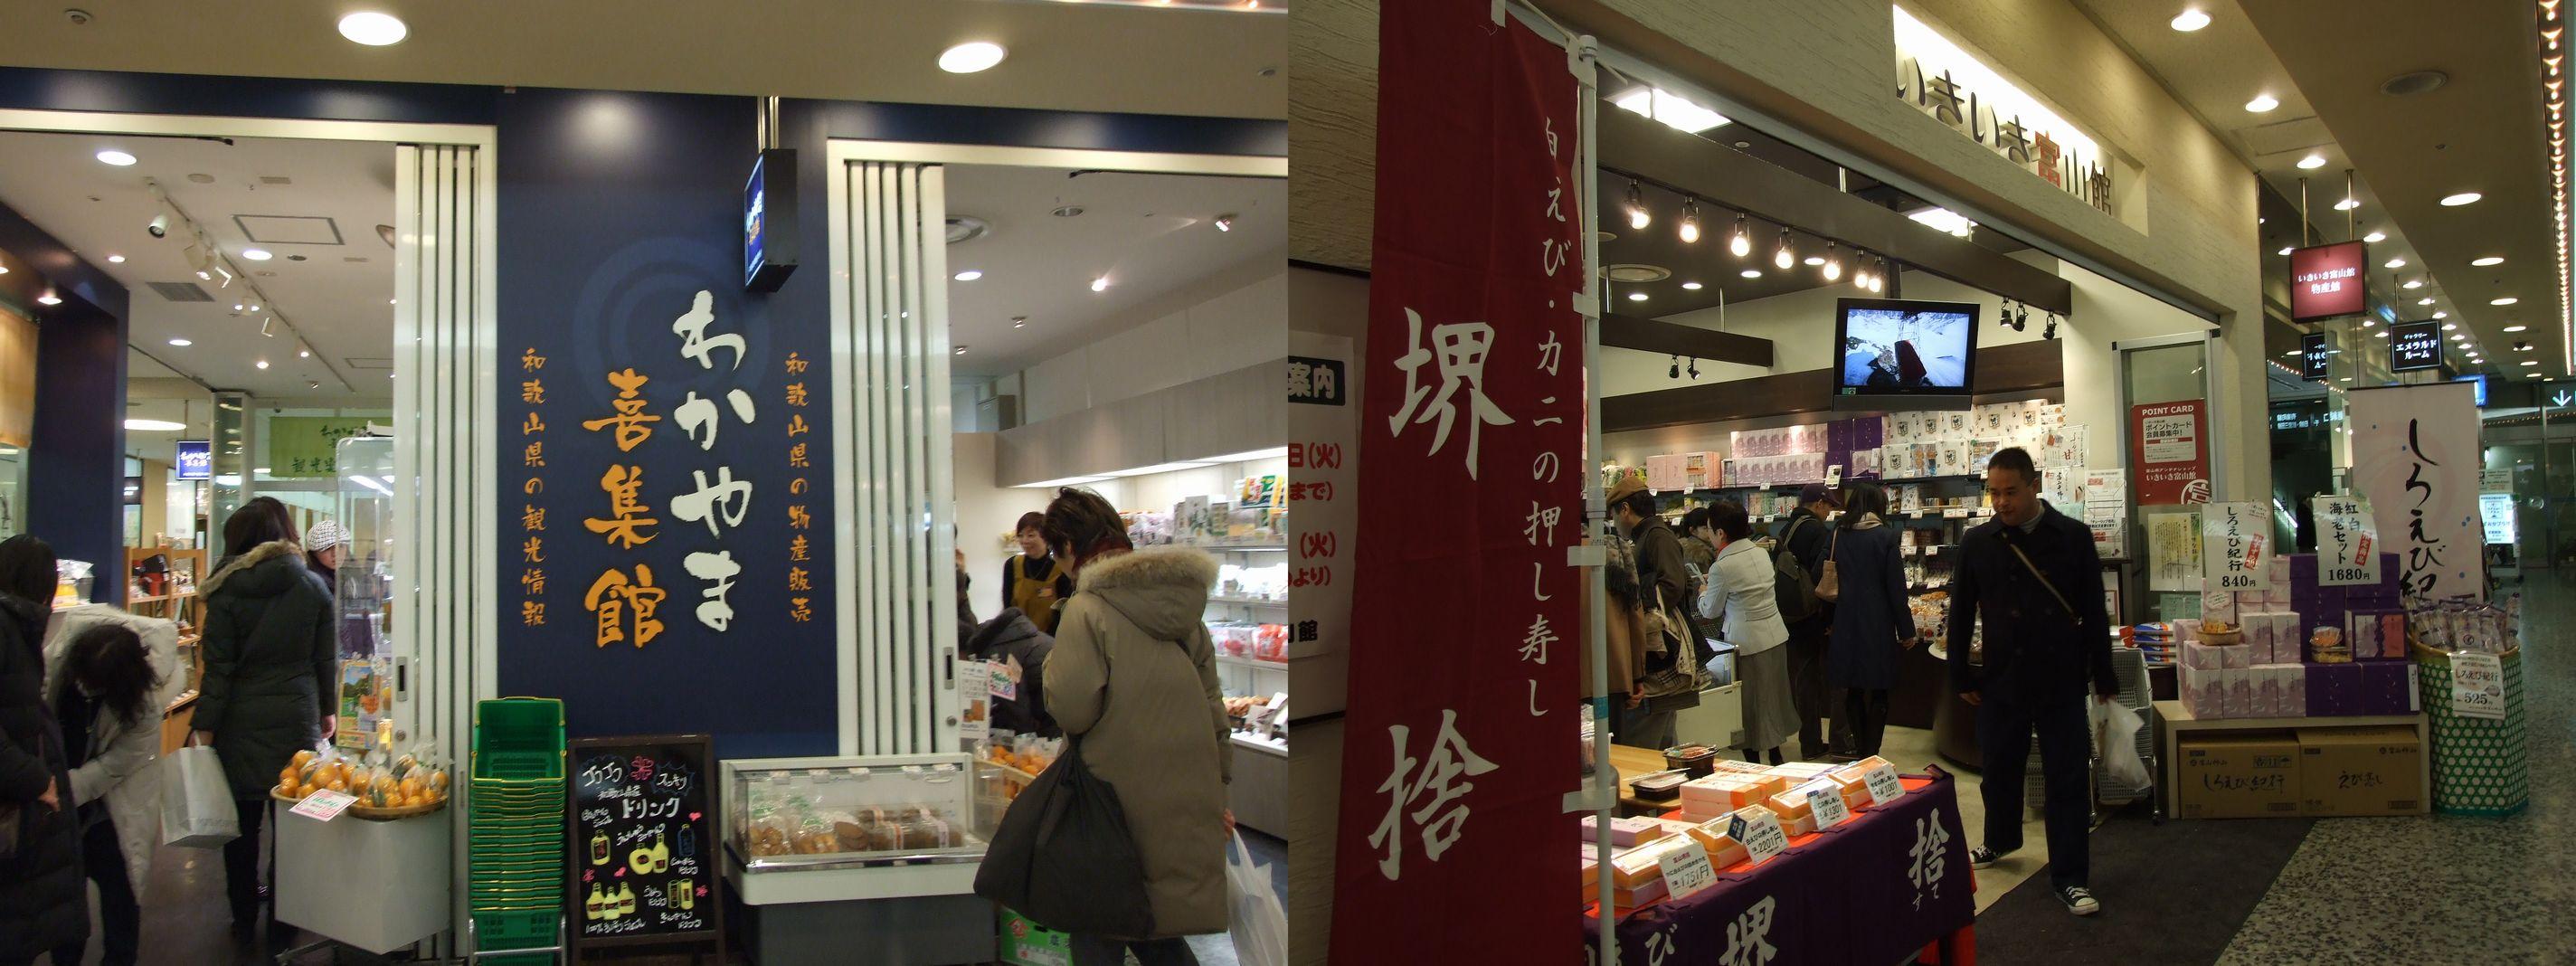 富山&和歌山アンテナショップ いきいき富山館&わかやま喜集館(東京交通会館)